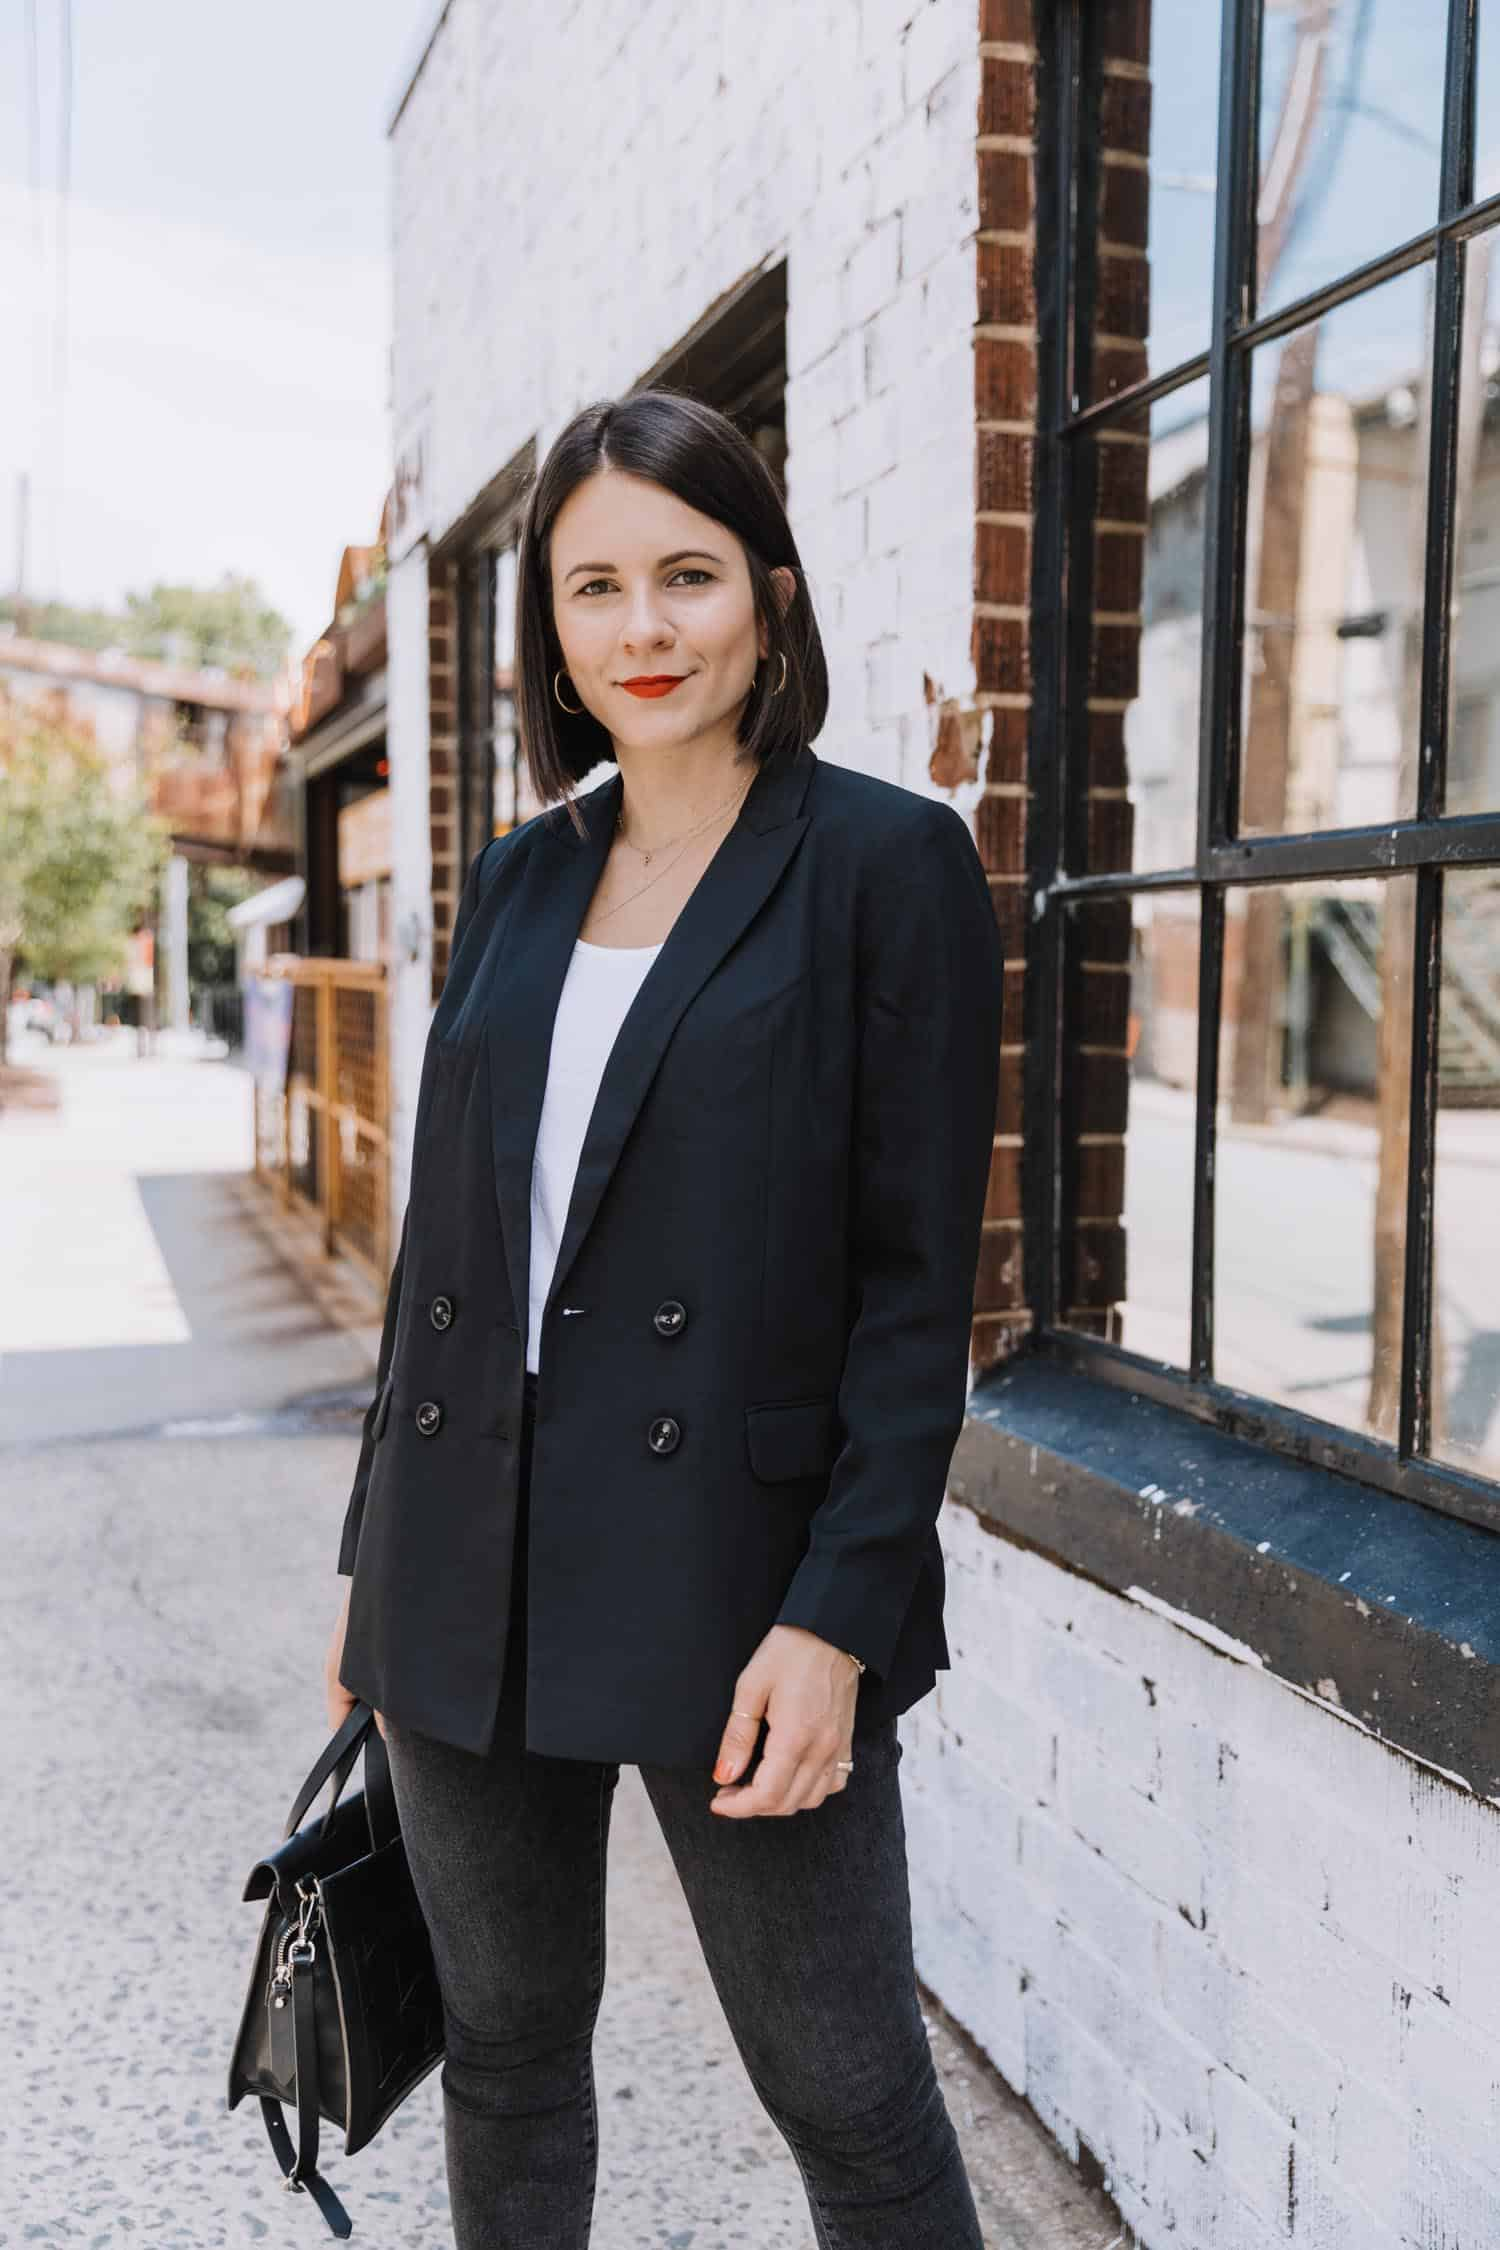 Jessica Camerata styles a boyfriend blazer with jeans